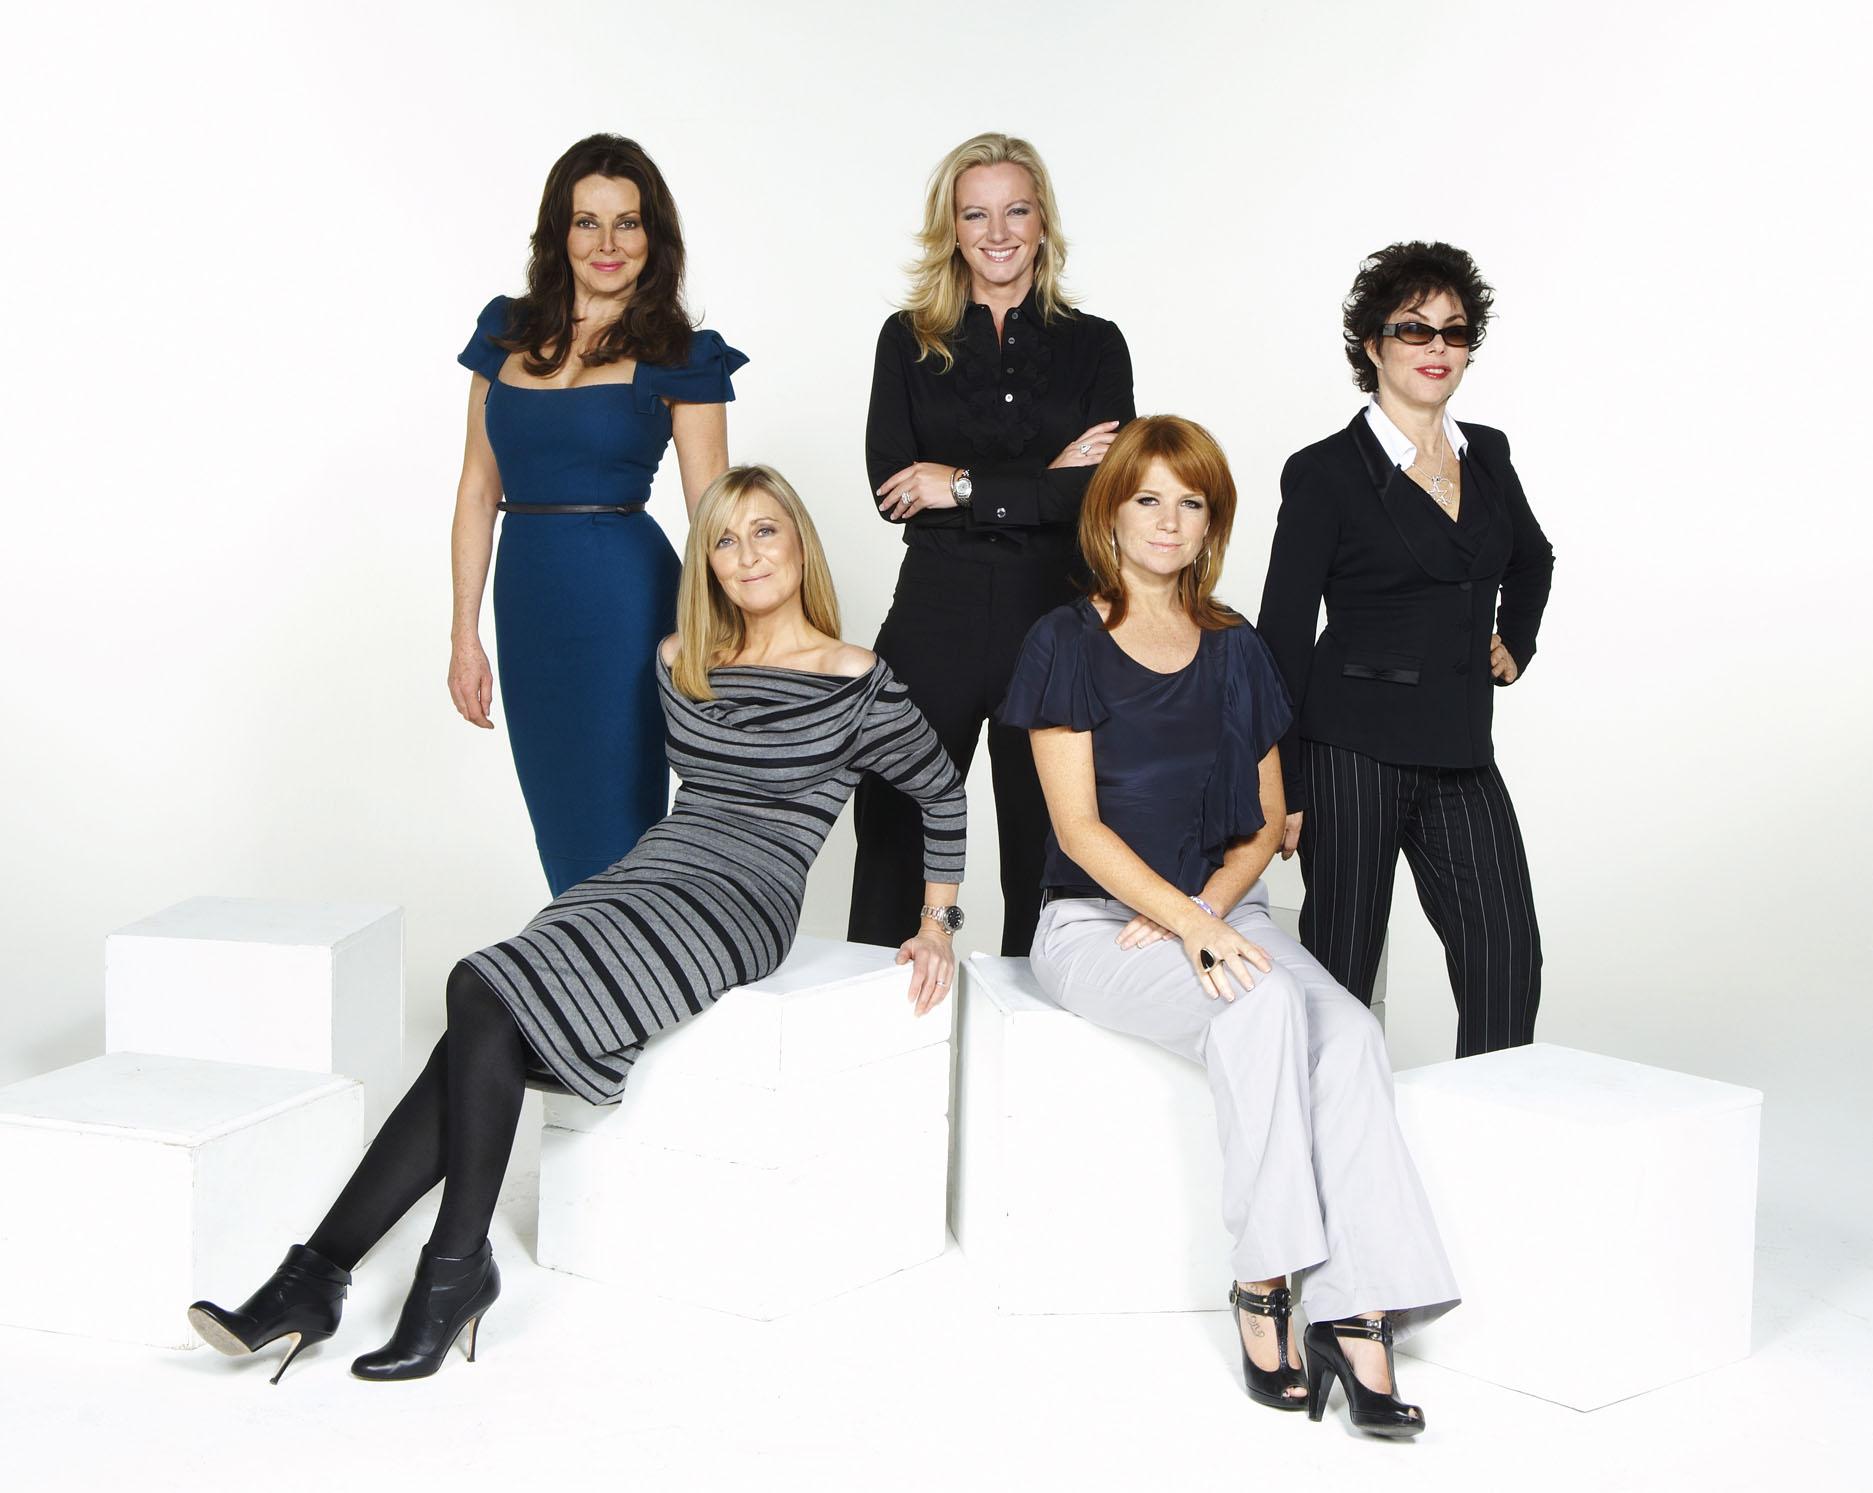 Apprentice star Michelle slams 'bitchy' Patsy